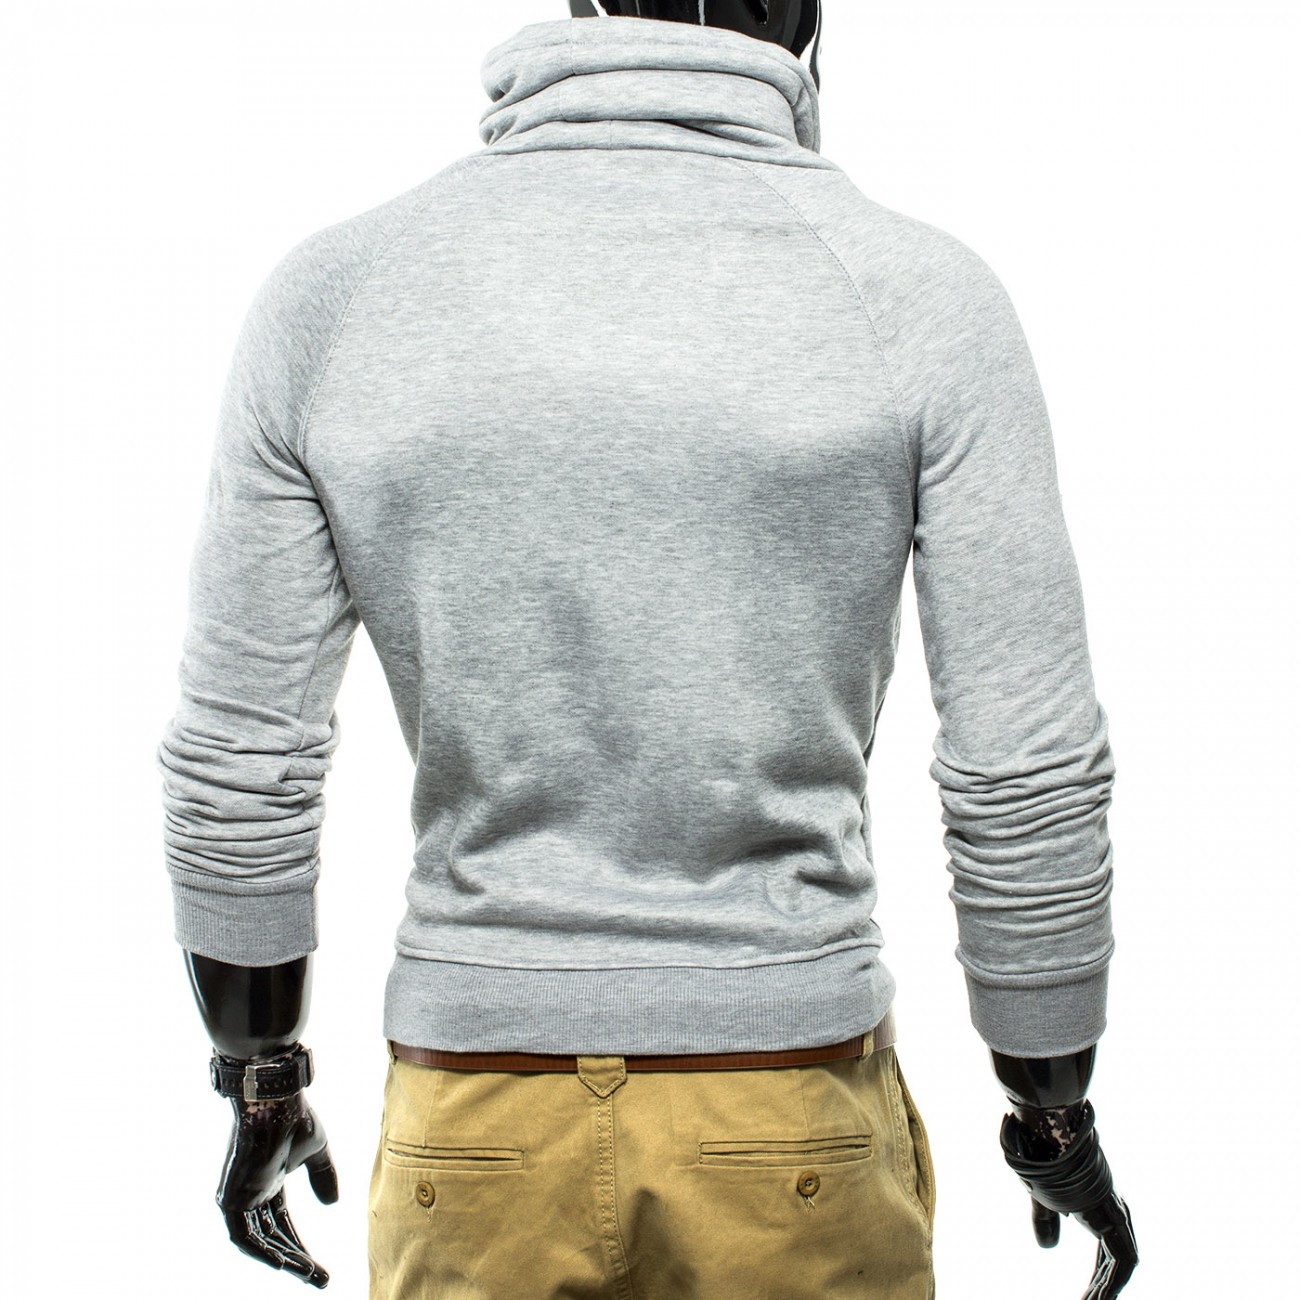 herren pullover assassin mit kragen id1147 herrenmode. Black Bedroom Furniture Sets. Home Design Ideas